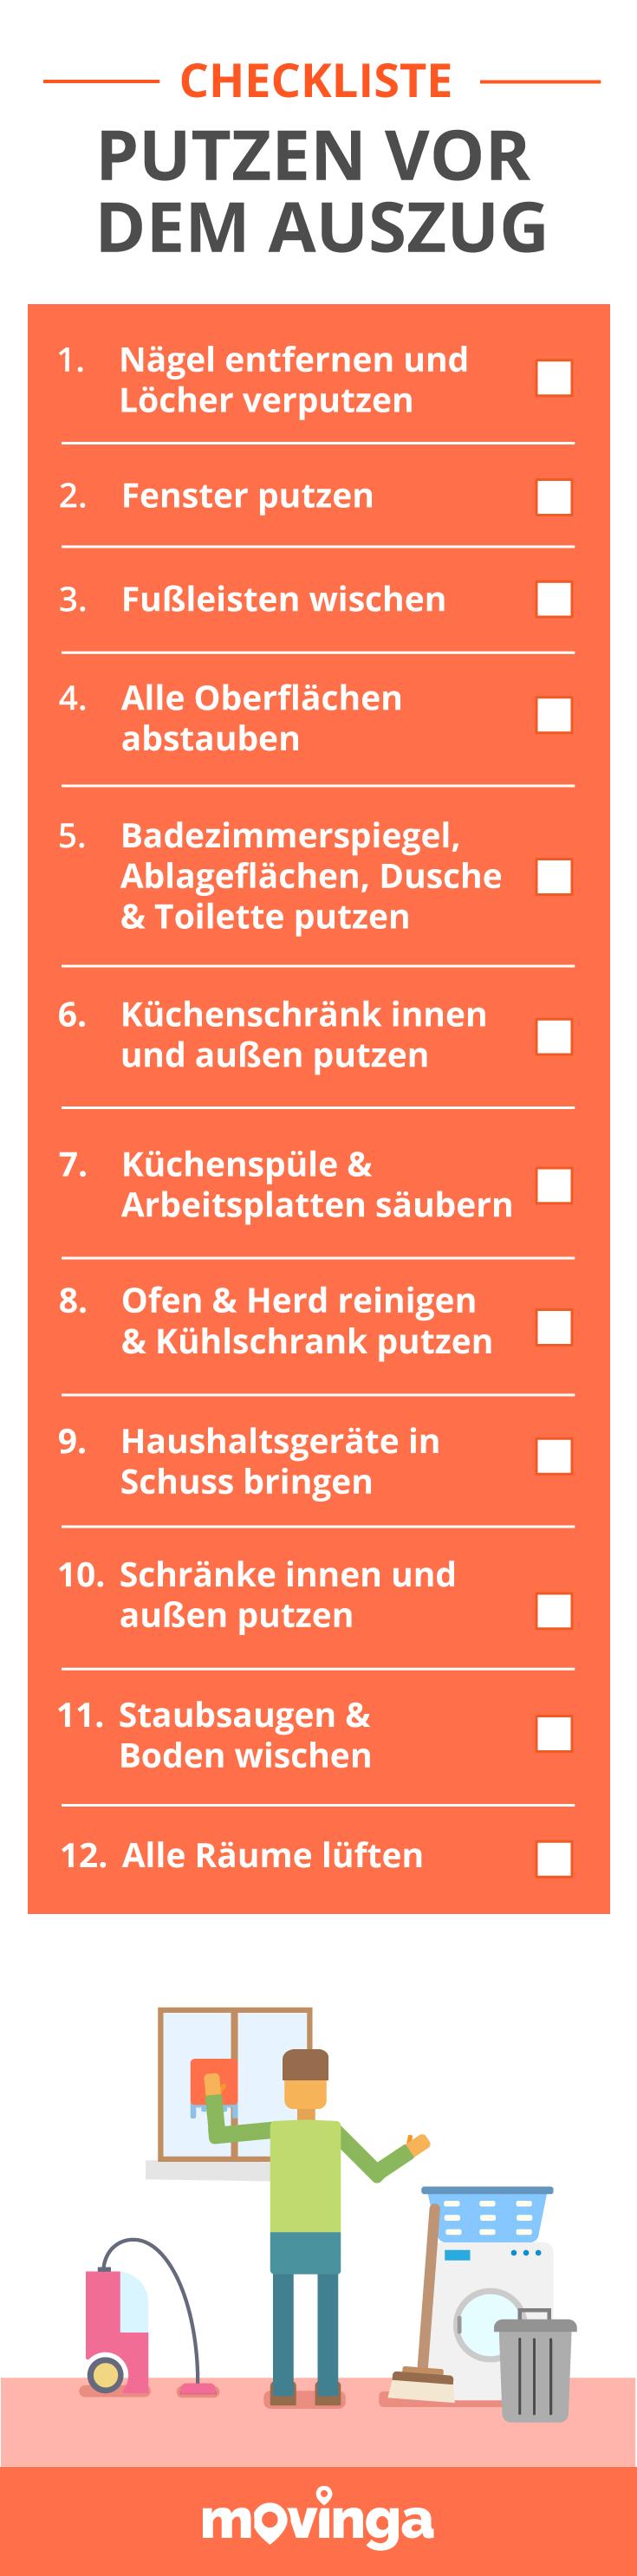 #Checkliste für das #Putzen vor dem #Auszug. Merke dir diese Grafik, wenn du sie hilfreich findest! #Umzugstipps